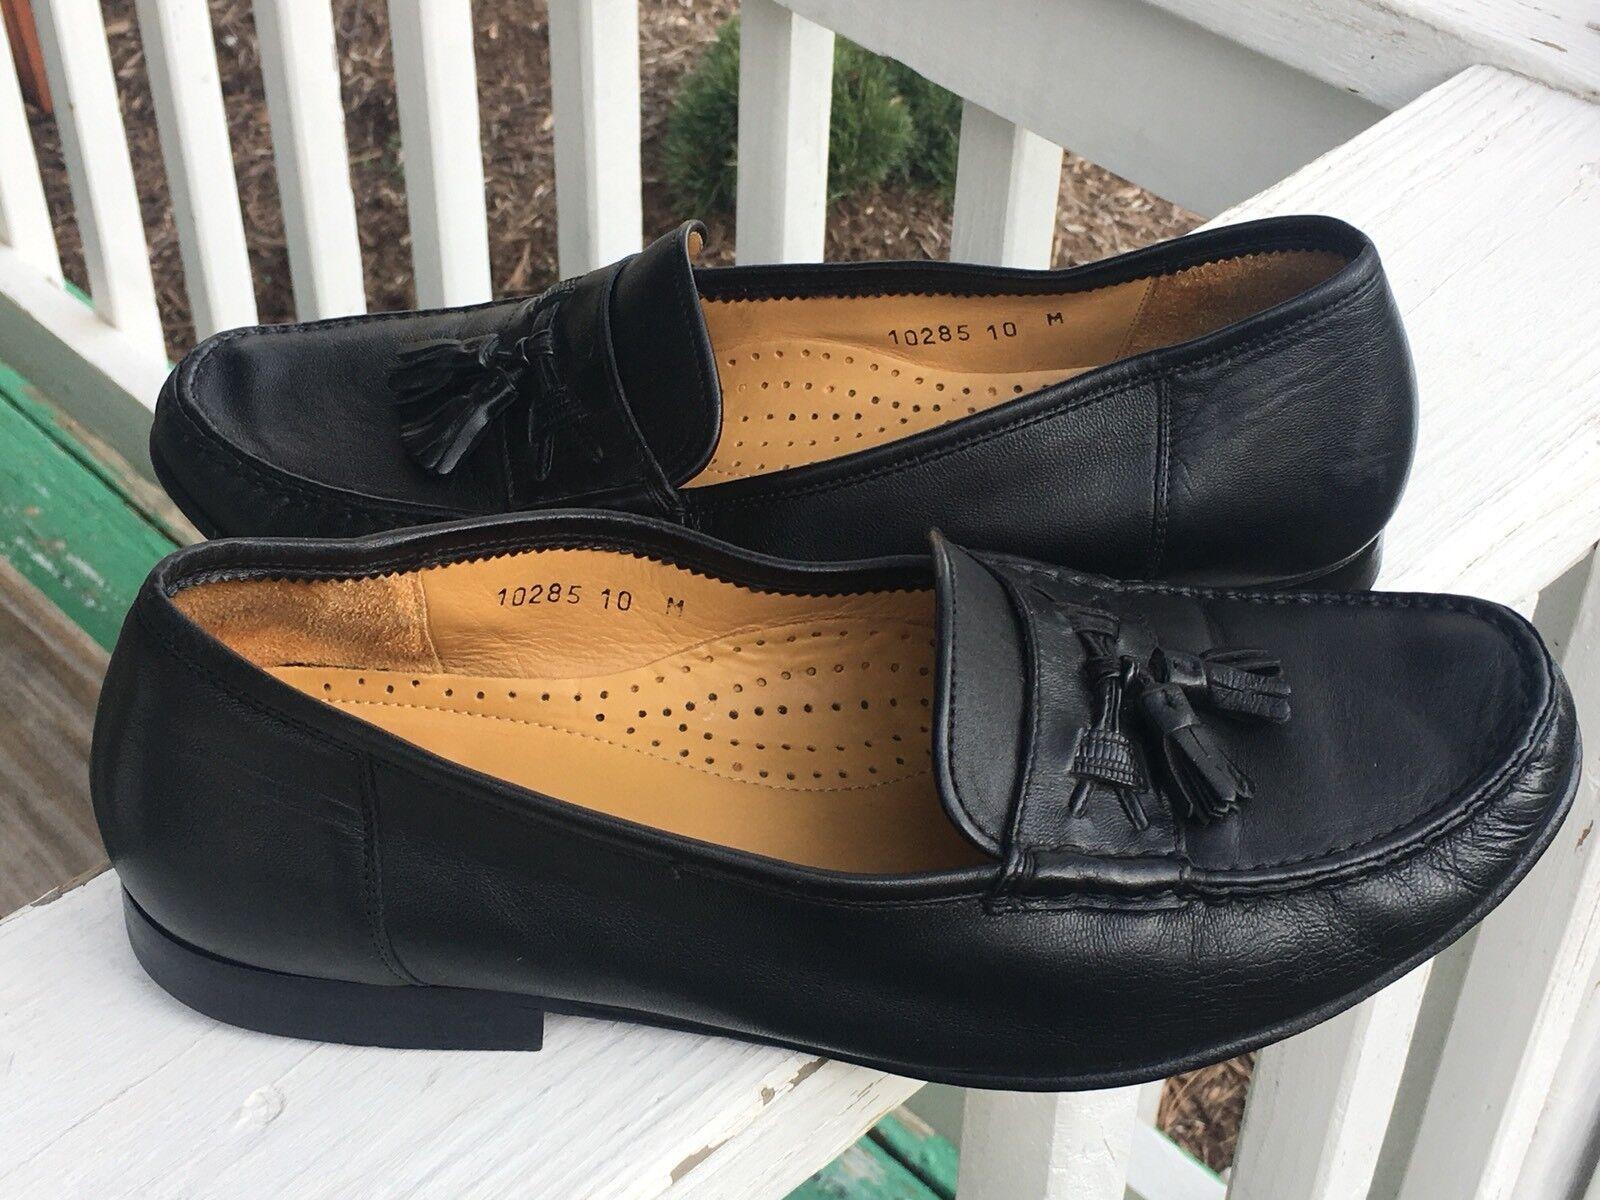 prezzi più convenienti Magnanni Uomo scarpe Dimensione 10M Genuine Leather Leather Leather nero Loafers Made In Spain Quality  varie dimensioni